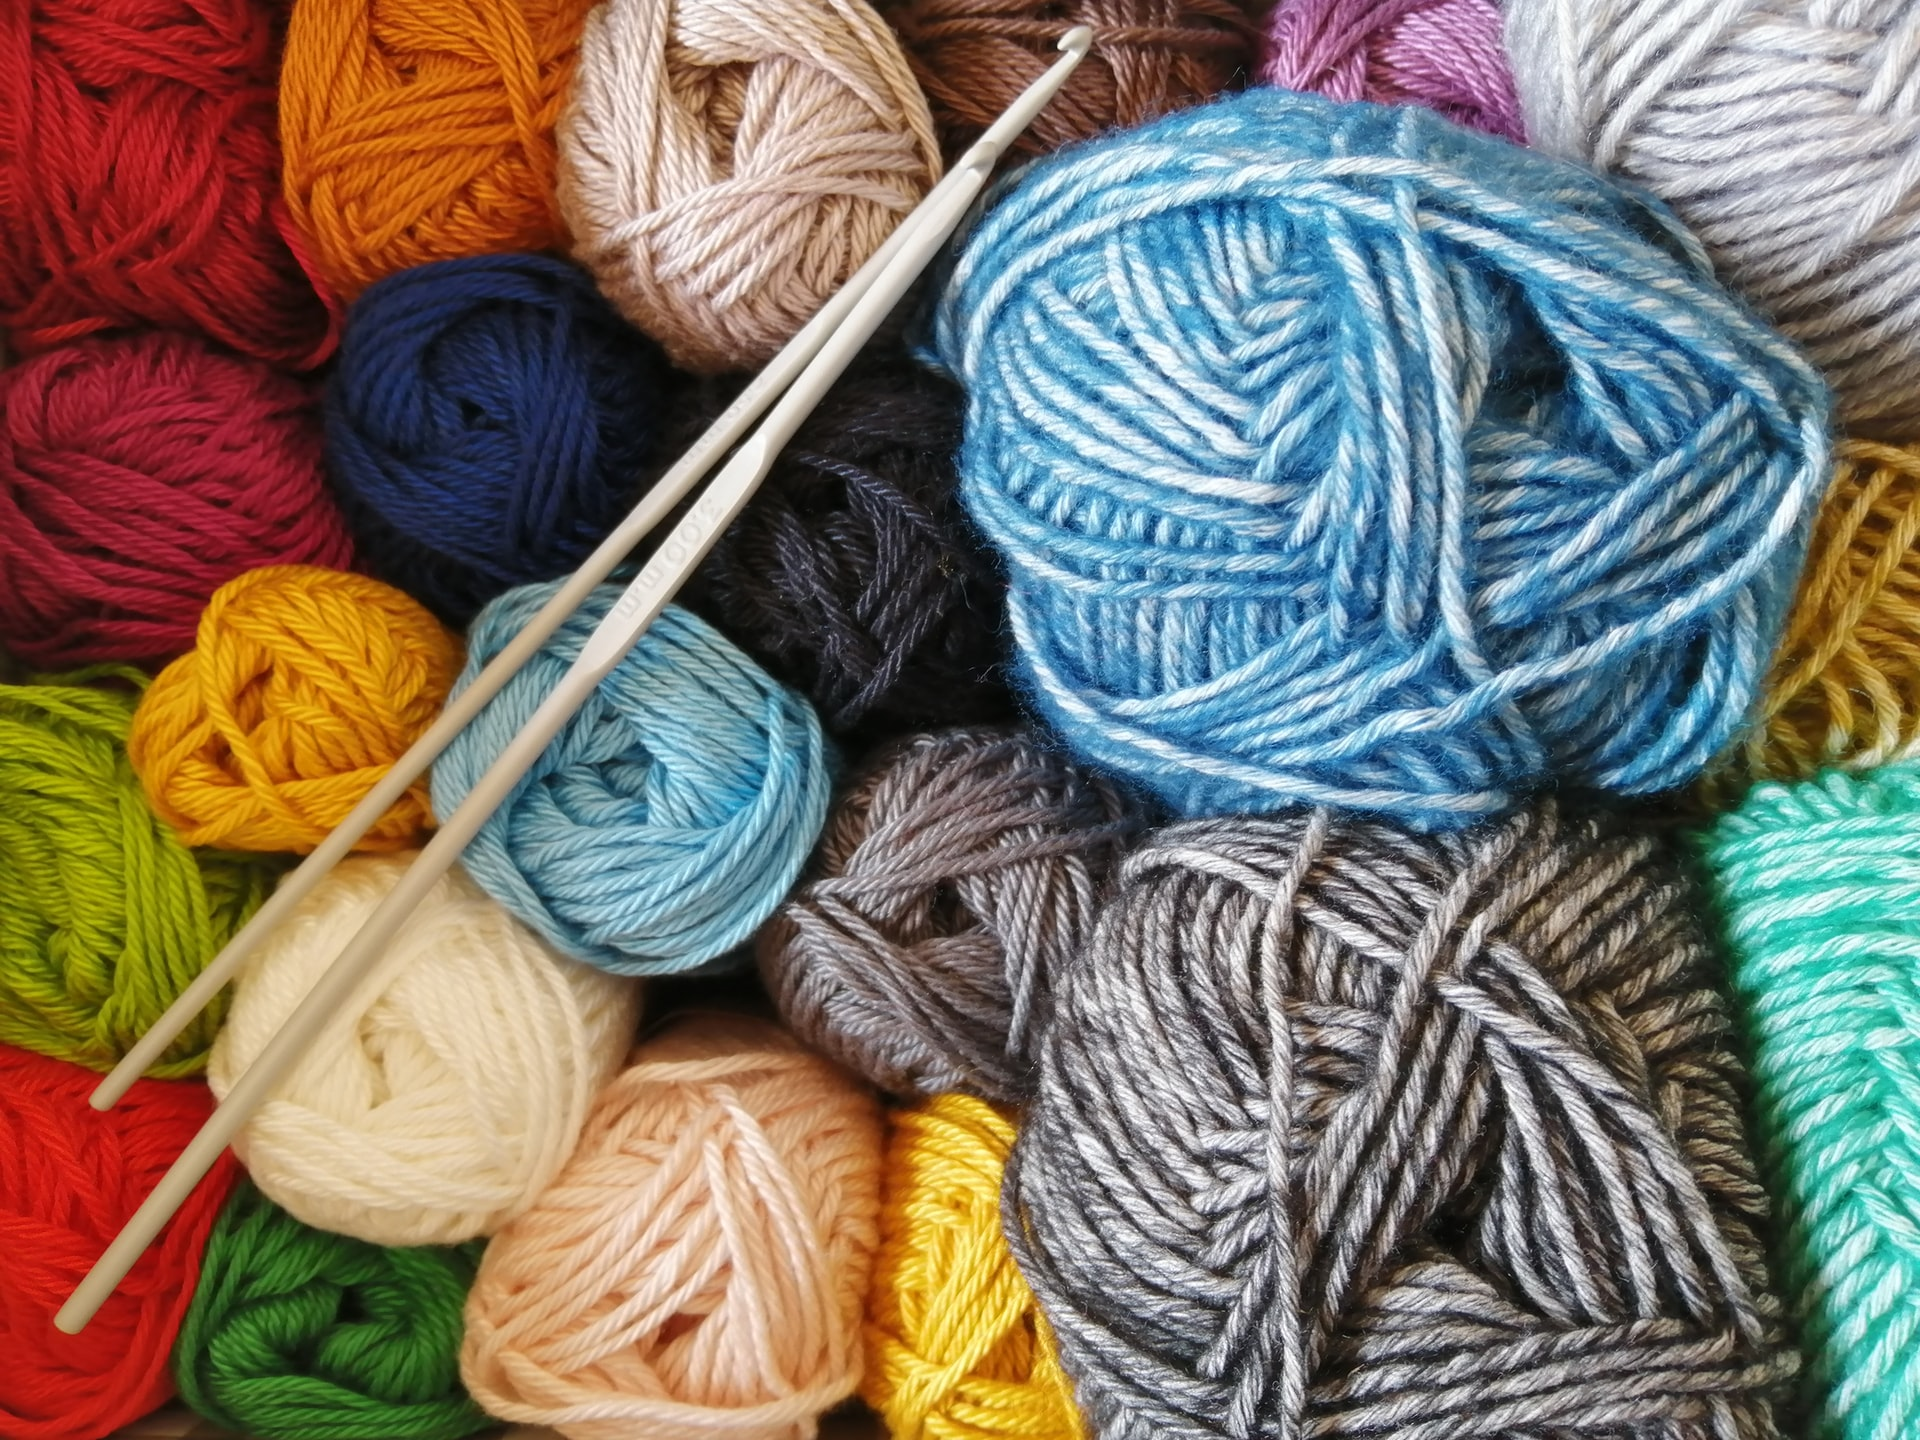 margarida afonso ahMCpXdUjv0 unsplash - Find inspirerende strikkeopskrifter hos Englegarn